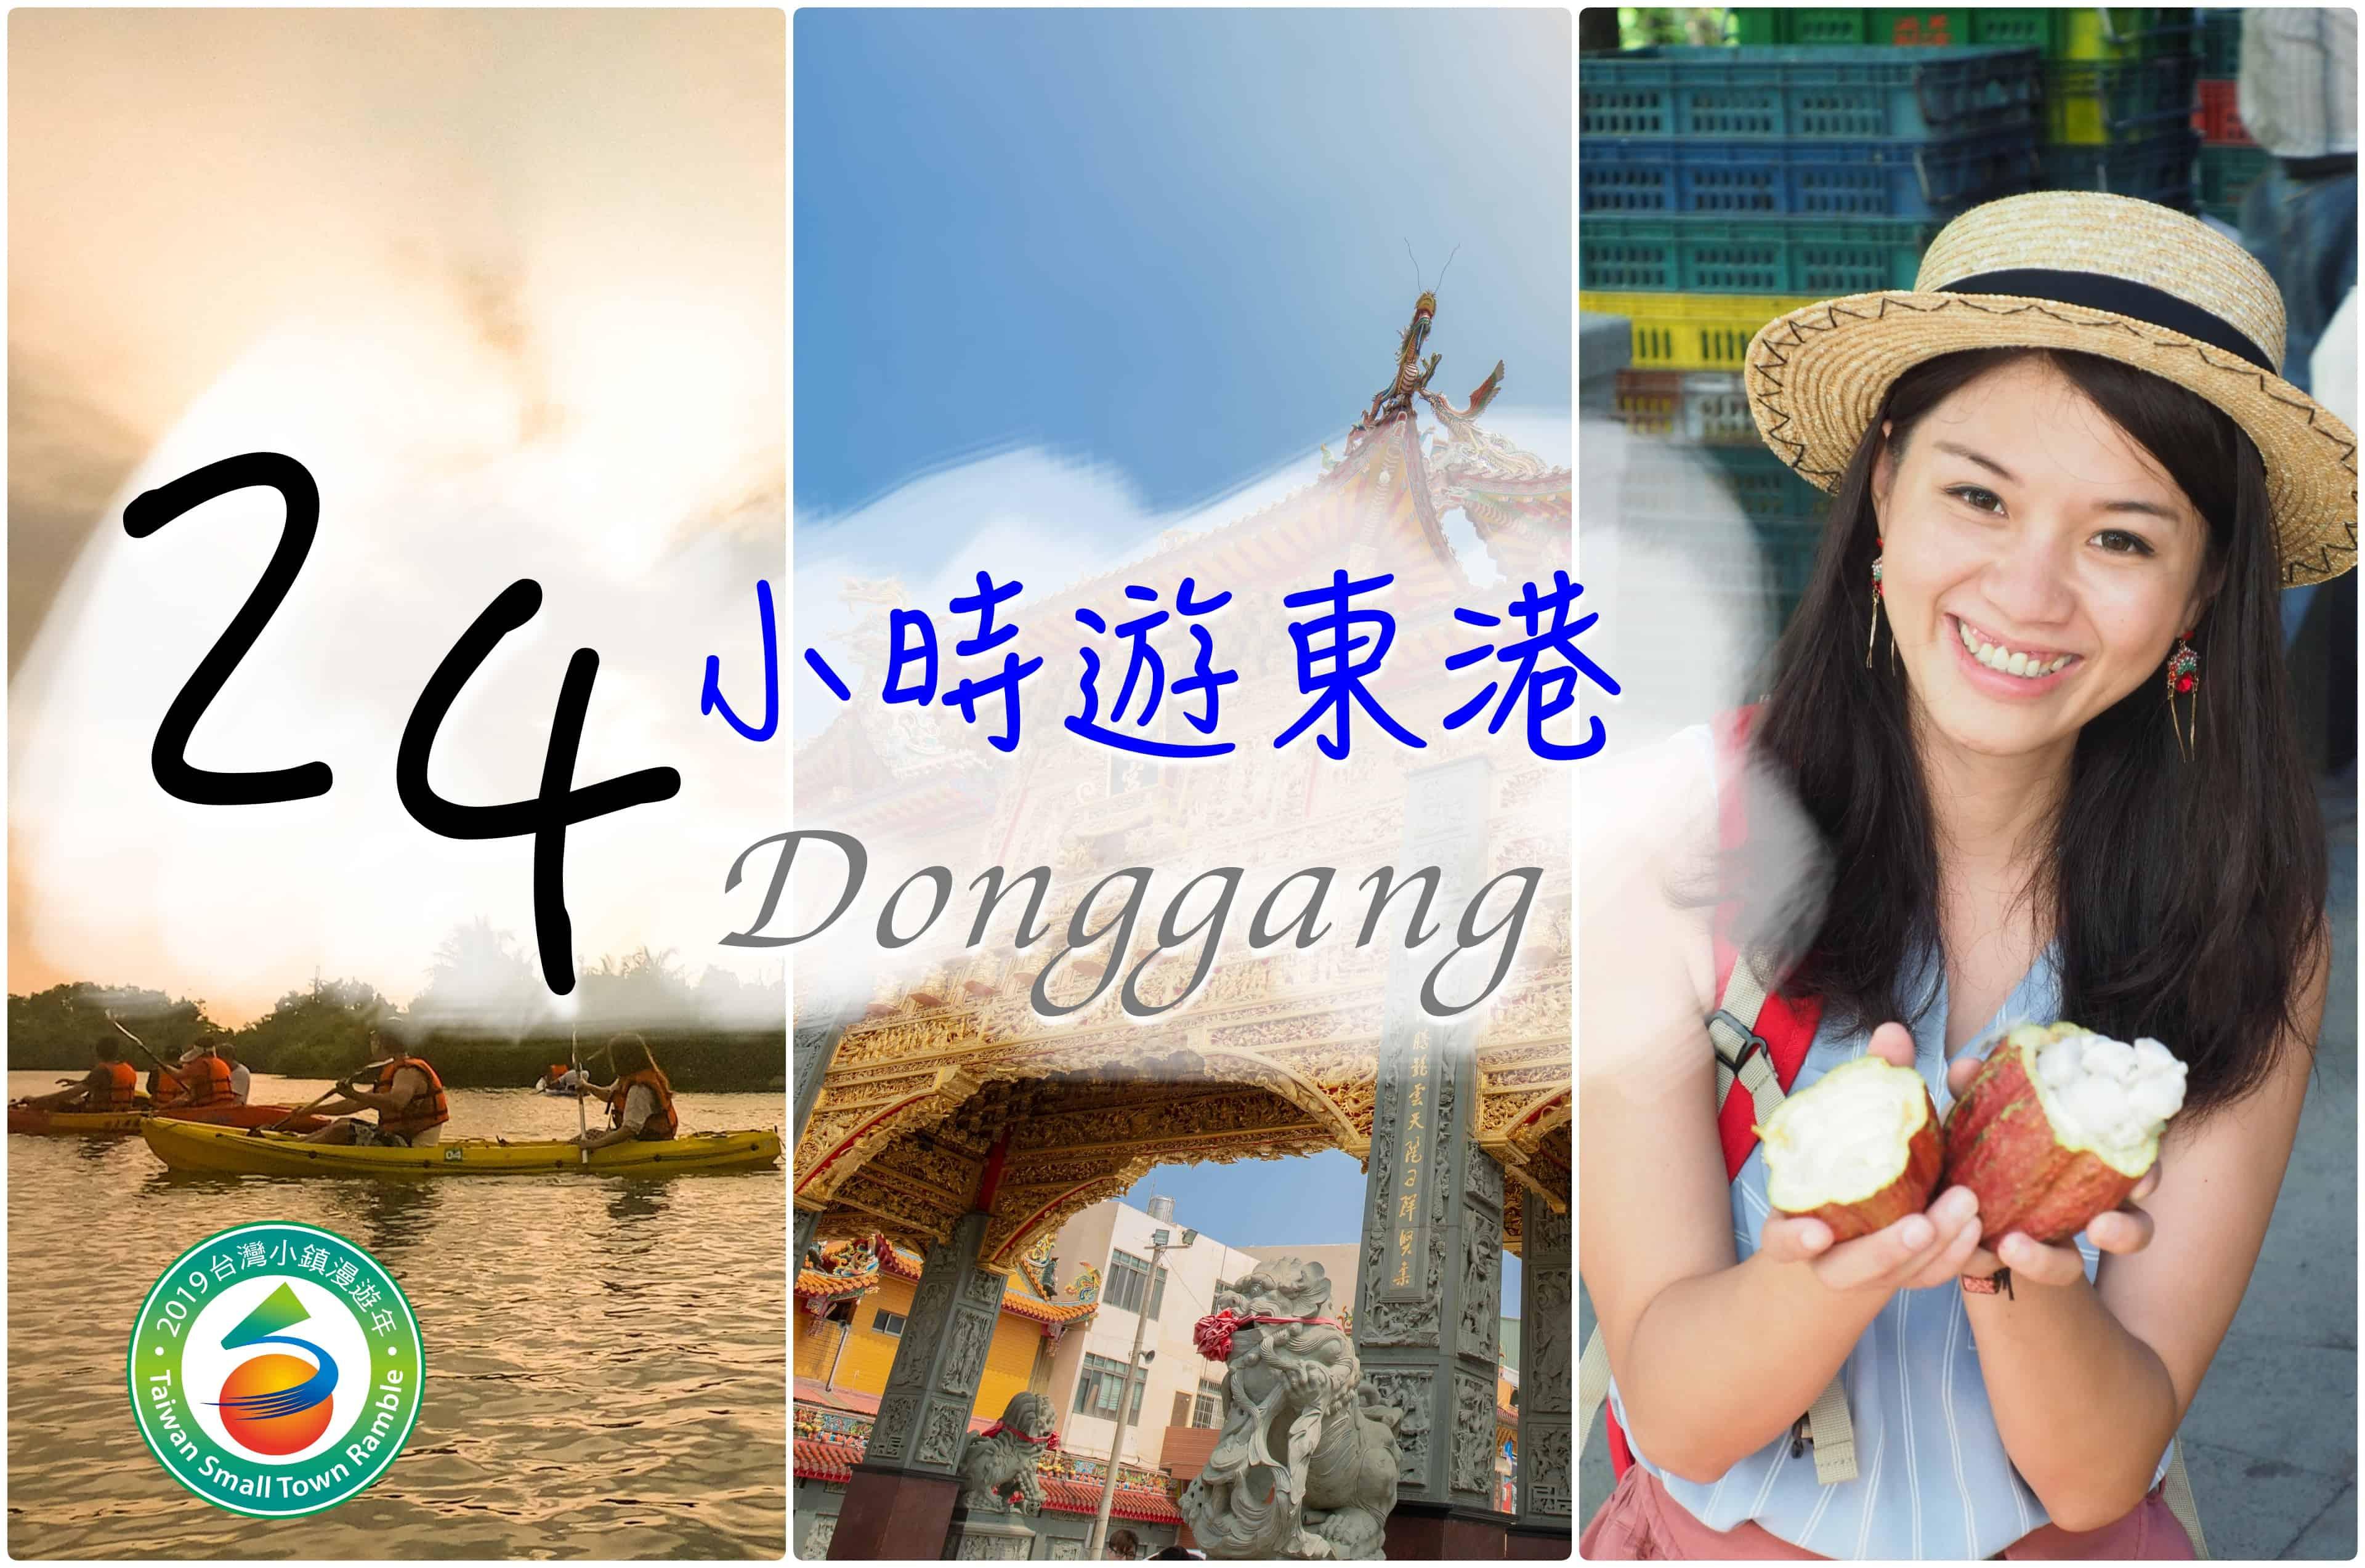 屏東、東港景點不藏私|東港一日遊怎麼玩?從傳統市場到海岸夕陽,東港小鎮漫遊趣!